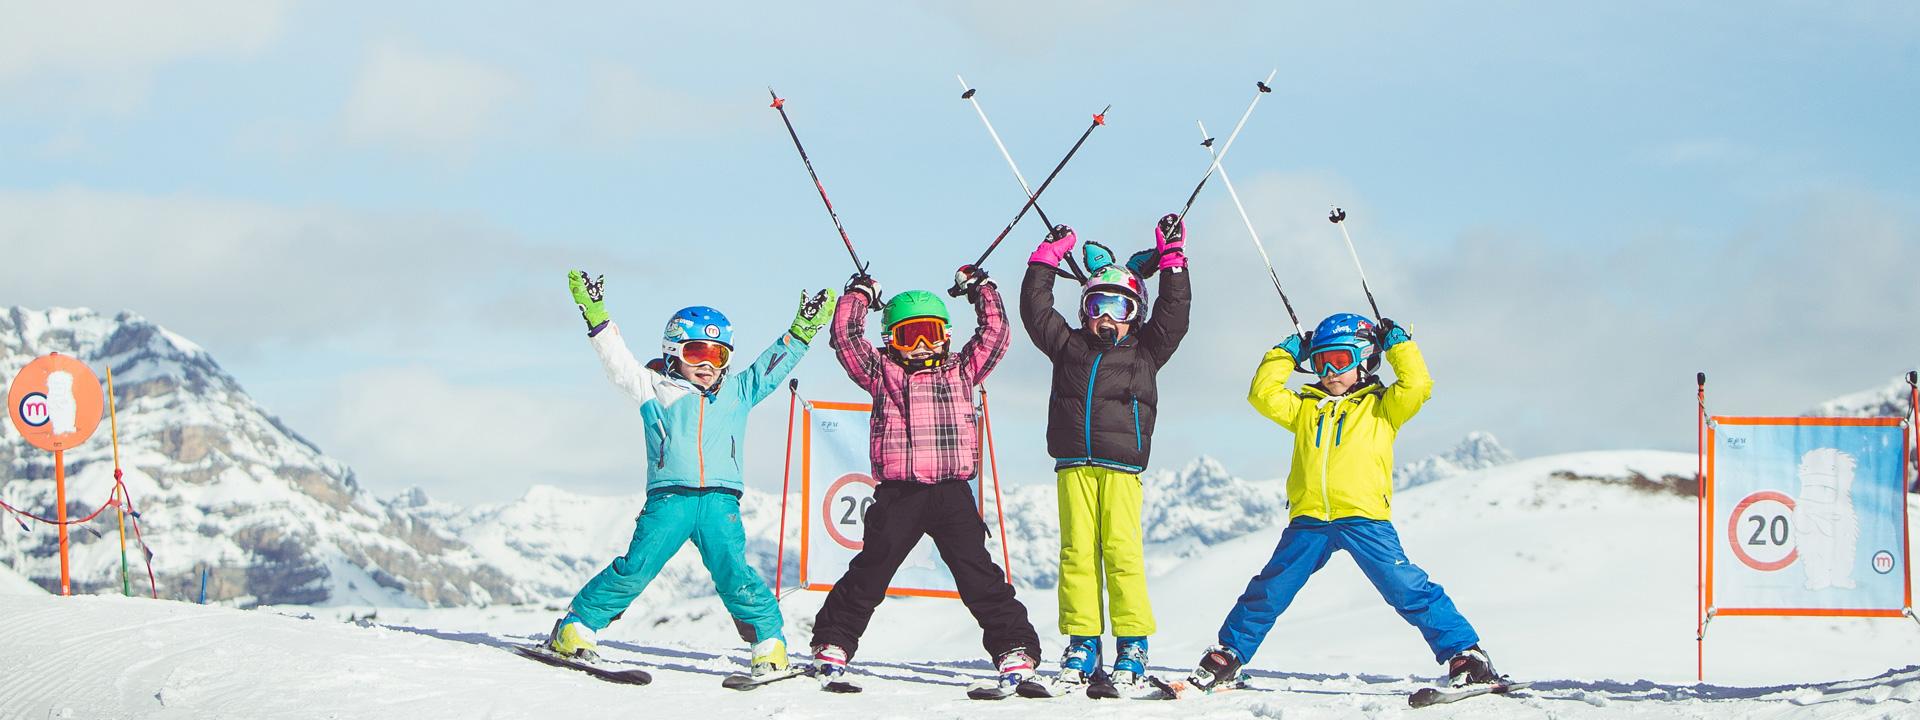 Tanto divertimento per i bambini nella ski area Mottolino a Livigno